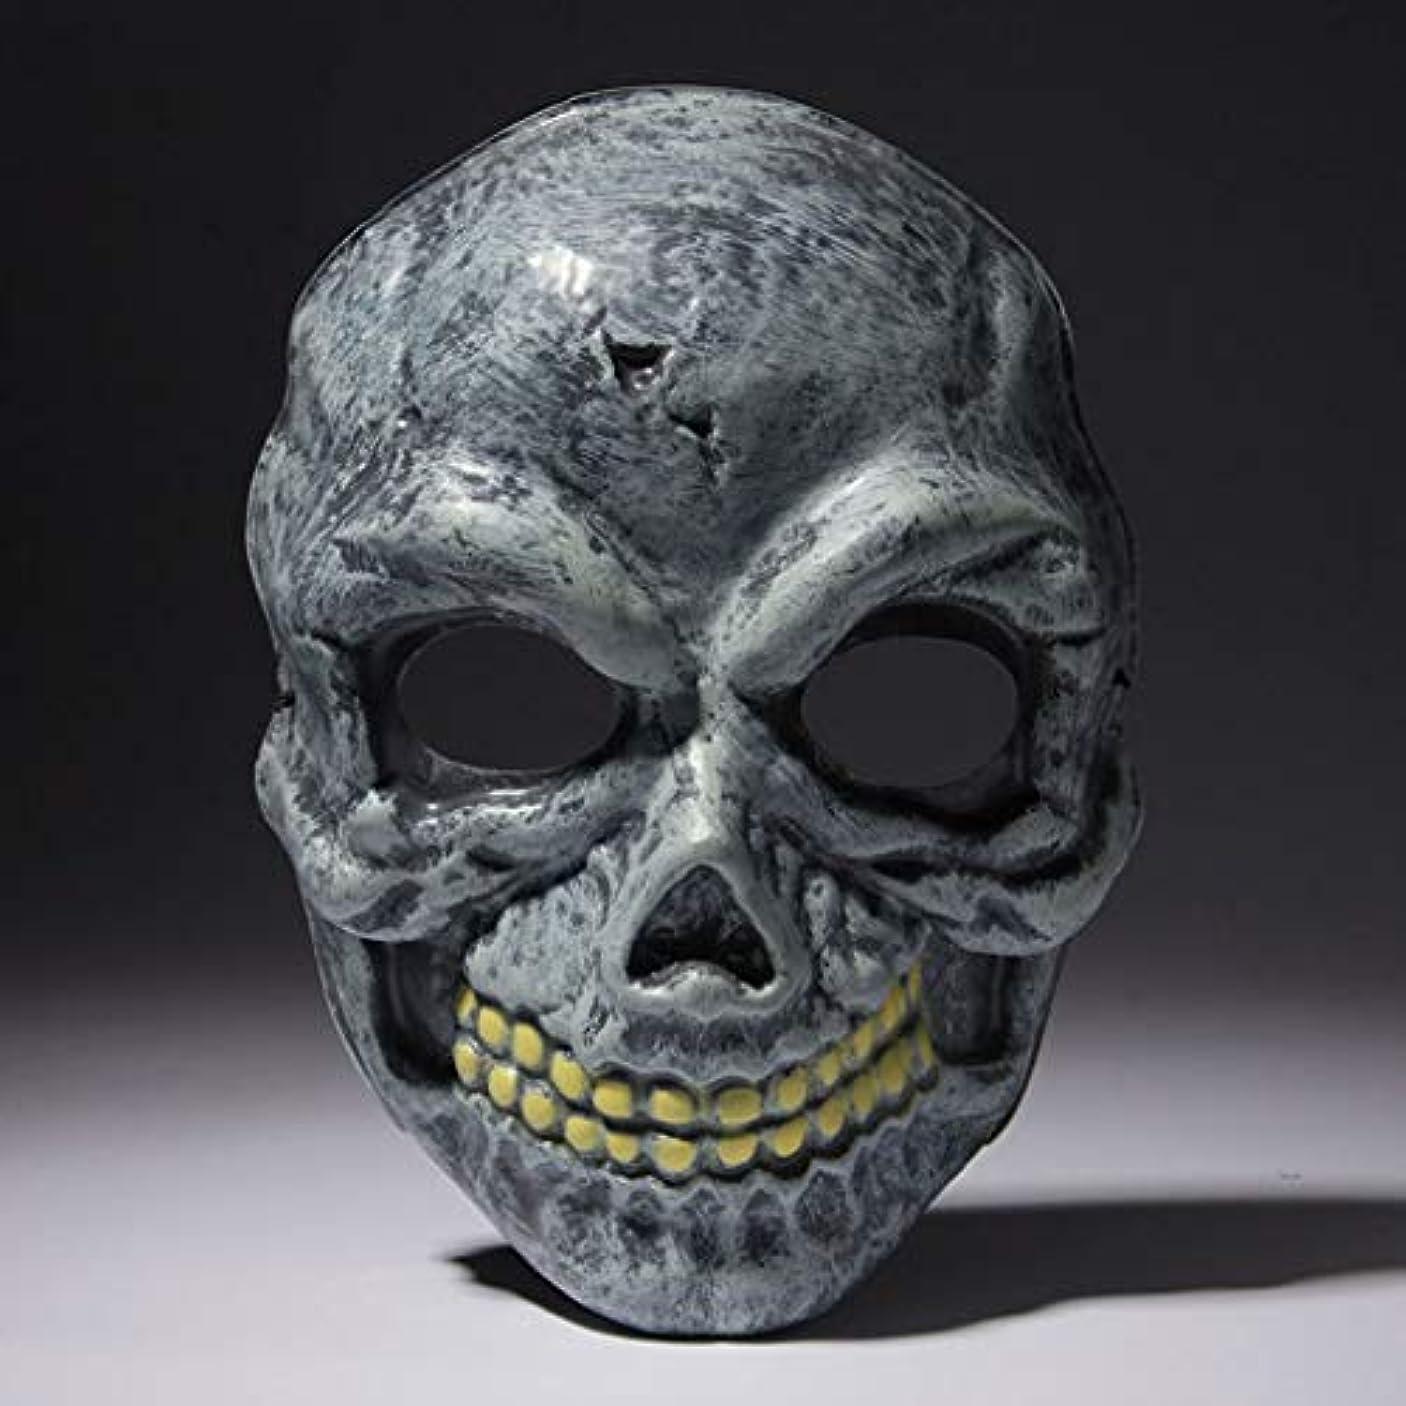 クレア毒液記念日ハロウィーン悲鳴悪魔ホラーマスクしかめっ面怖いゾンビヘッドギア大人ゴーストフェスティバルボールマスク